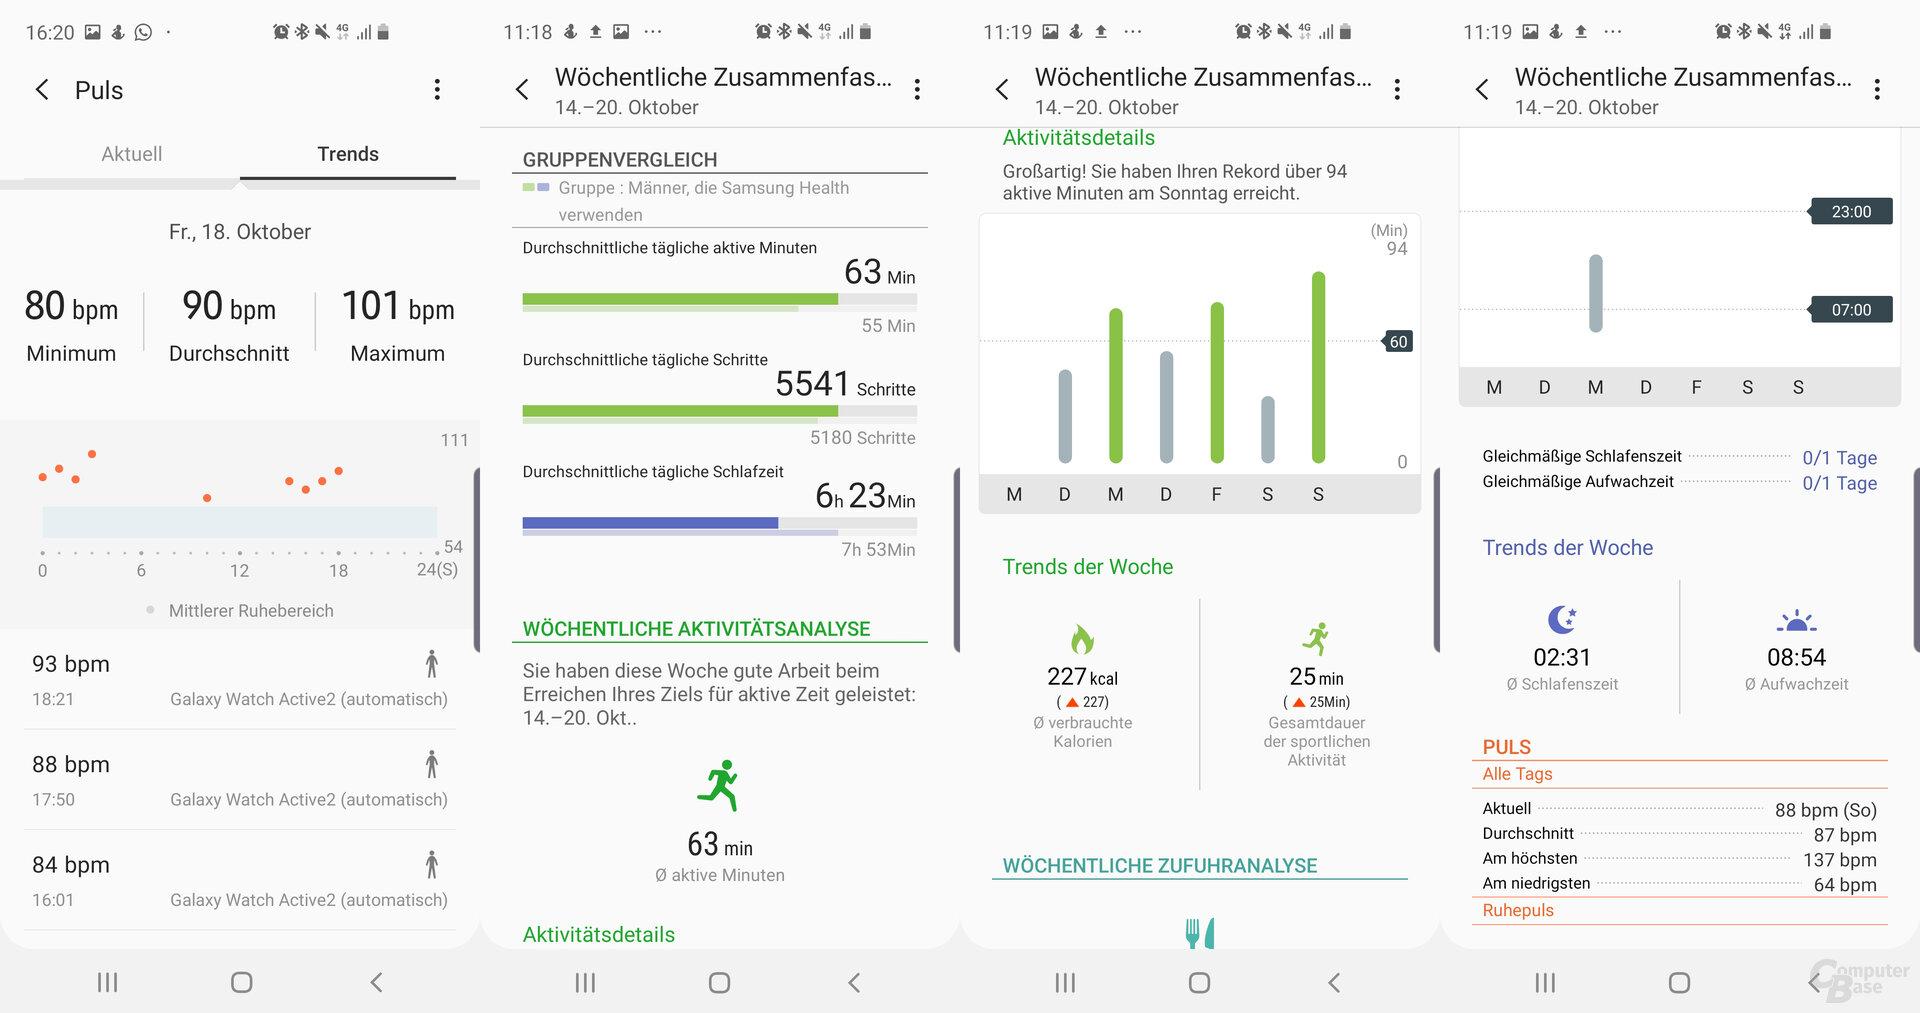 Samsung-Health-App: Wöchentliche Zusammenfassung